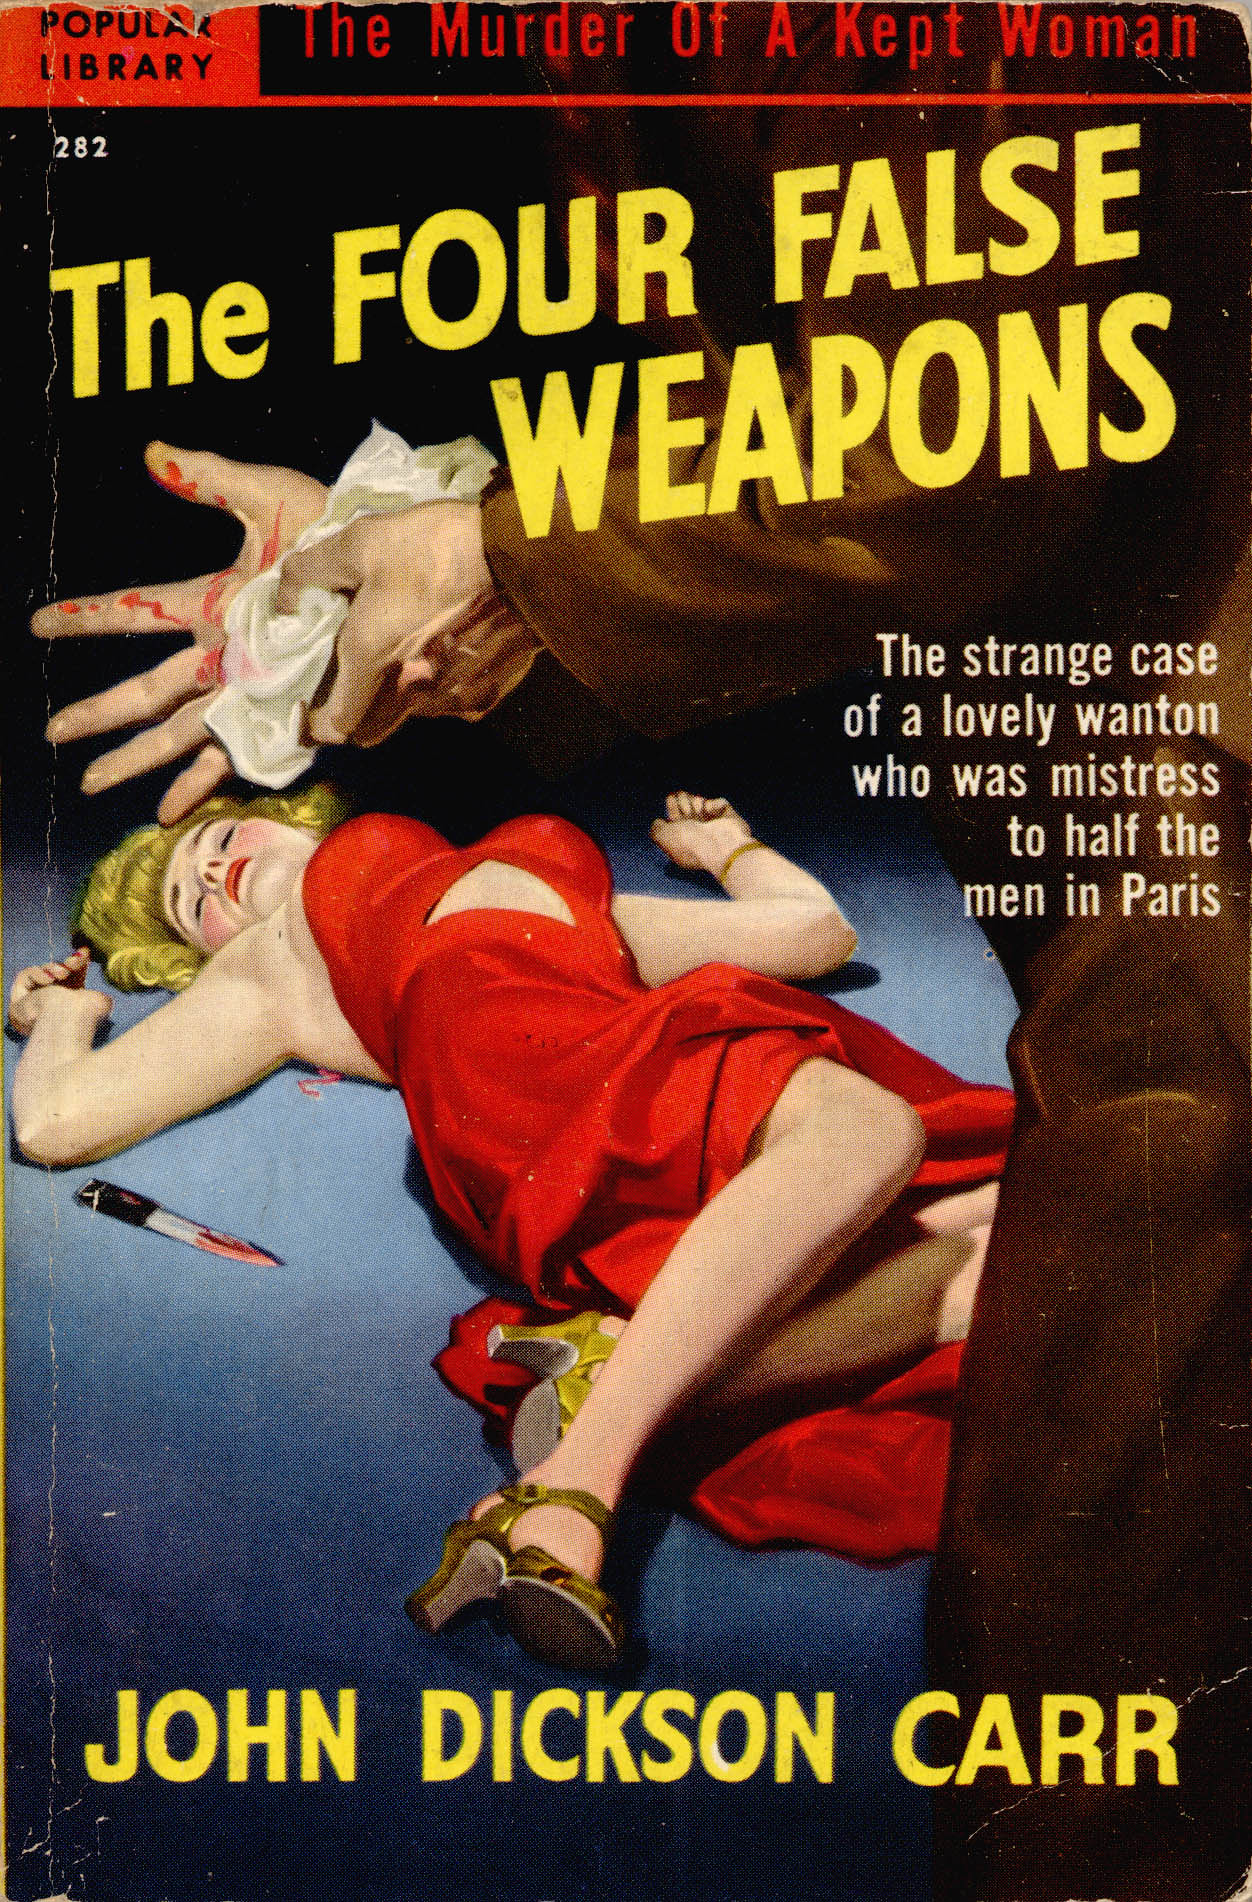 Джон Диксон Карр — Четыре орудия убийства (1937)